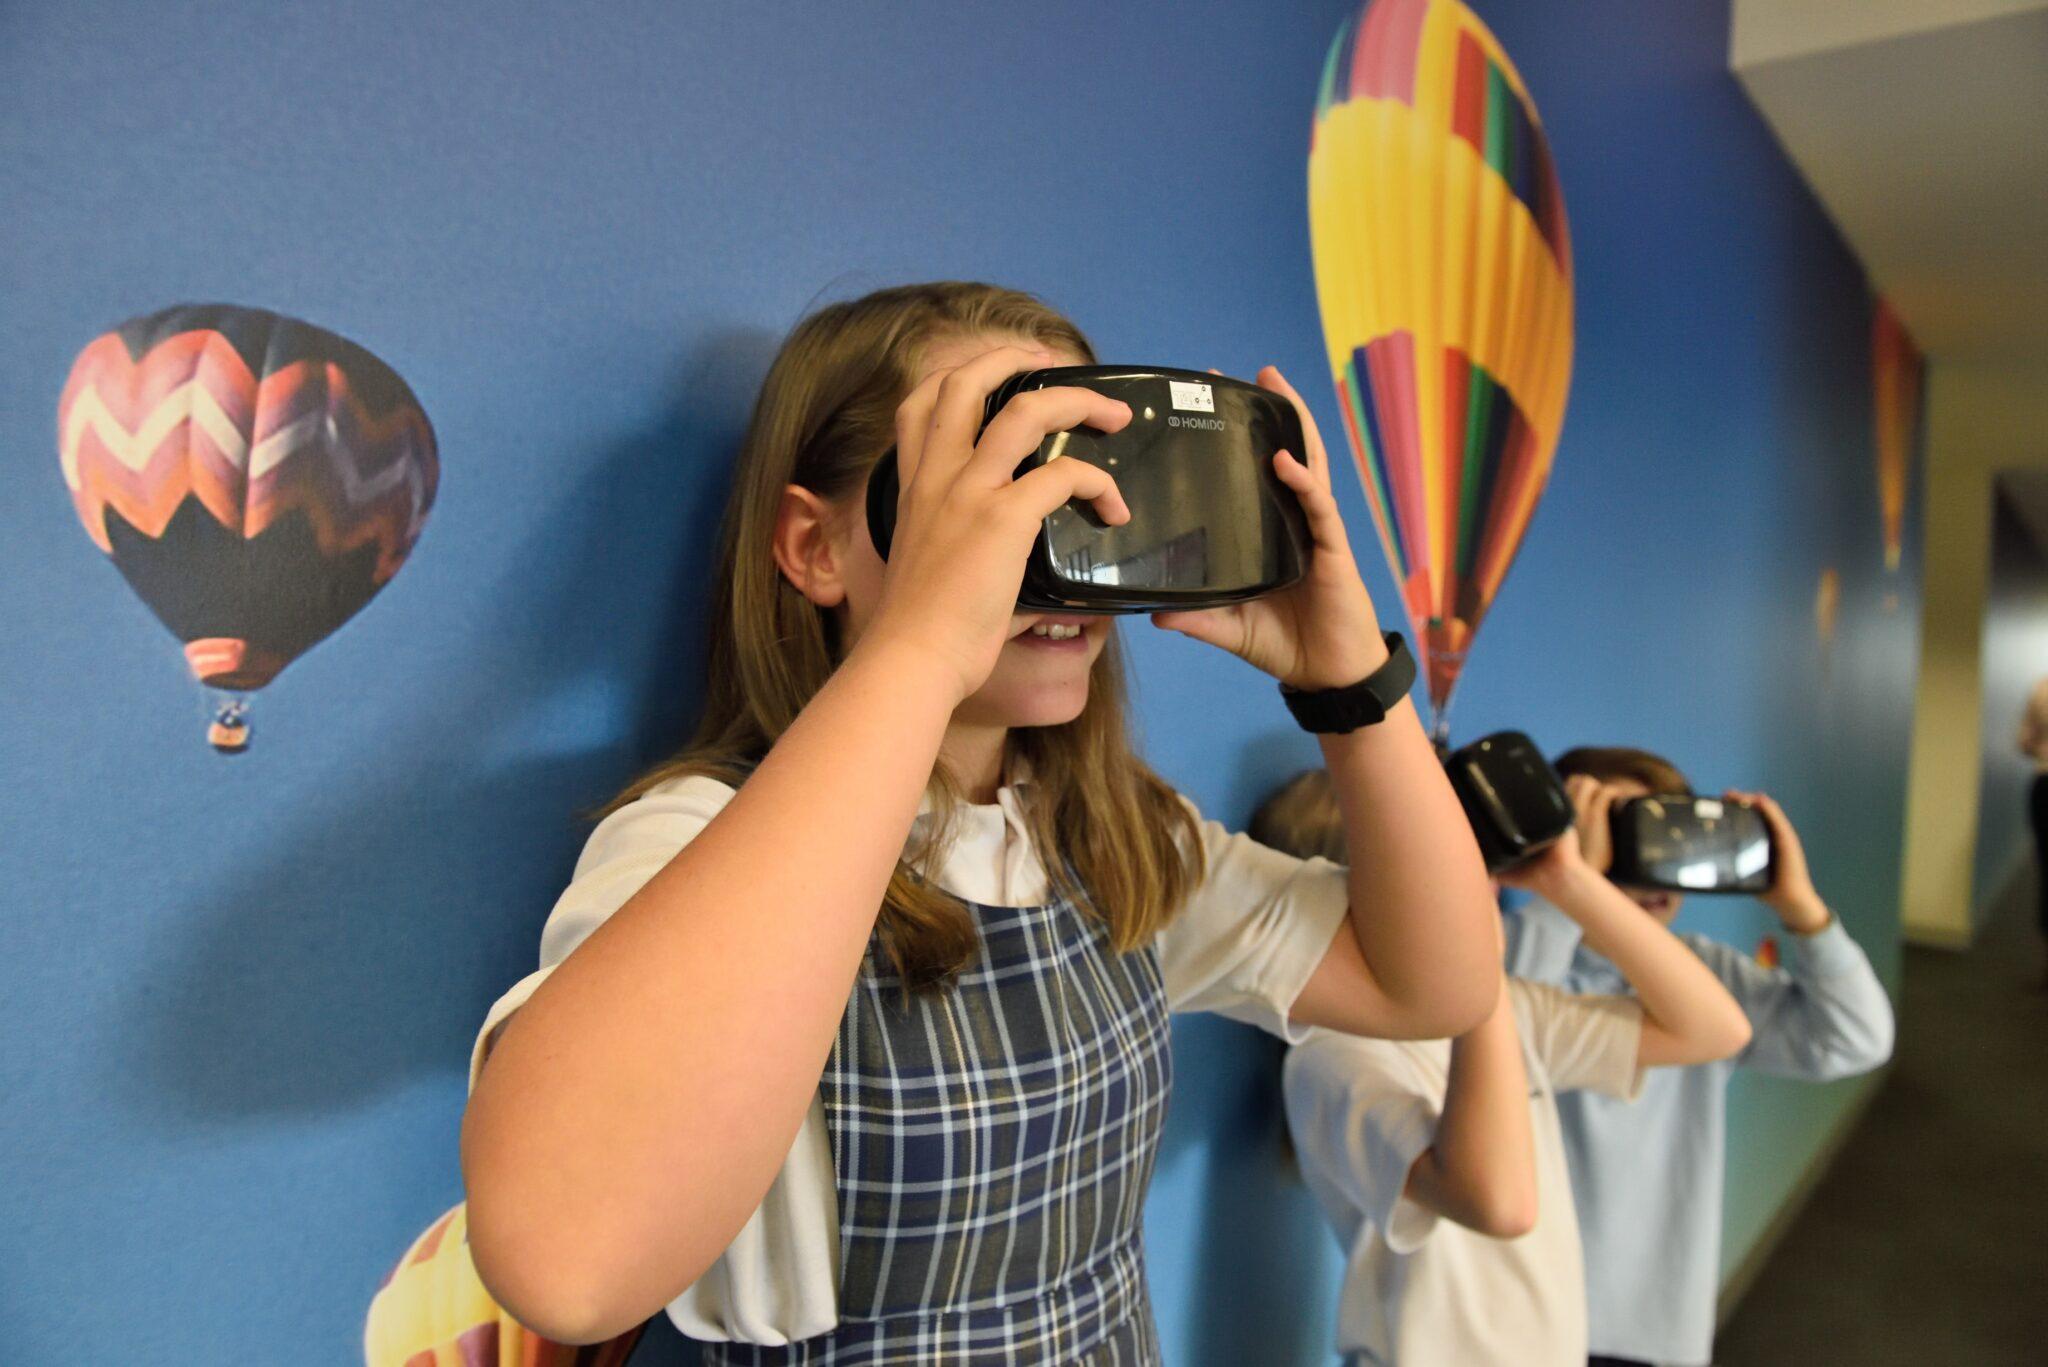 Schulkinder mit VR-Brillen vor einer Wand mit Heissluftballons